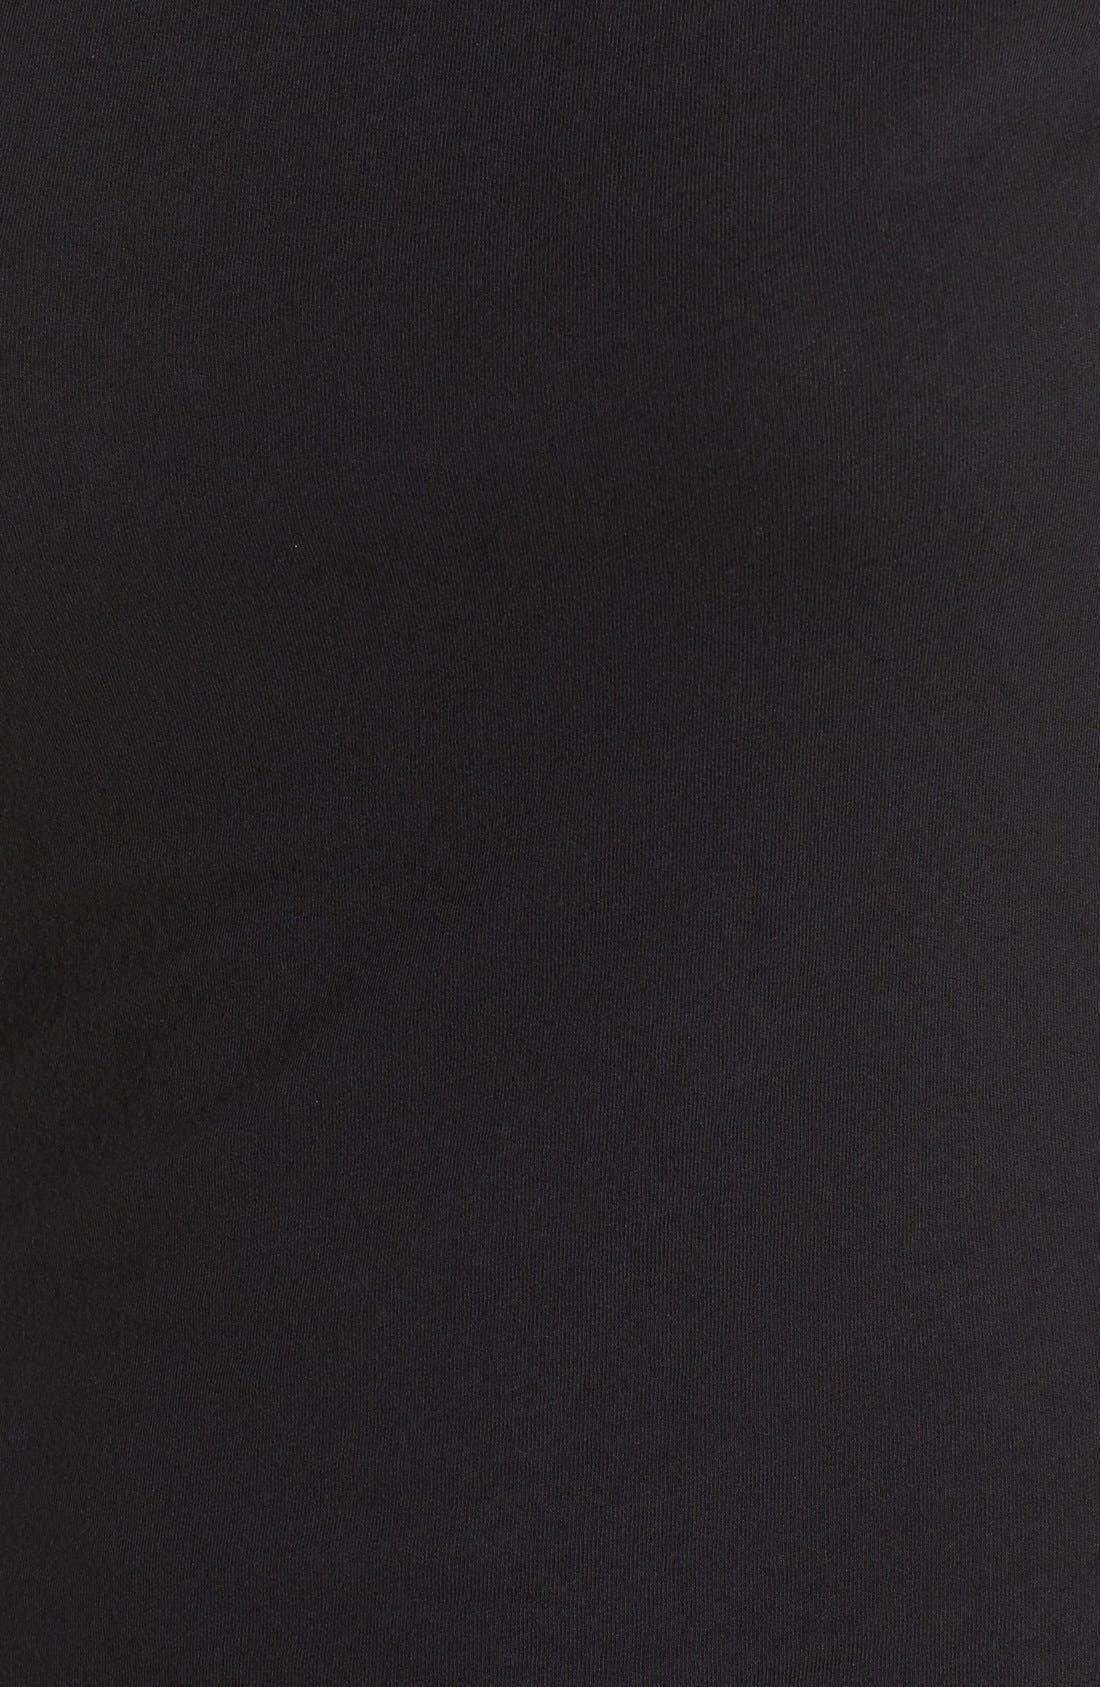 Turtleneck Midi Dress,                             Alternate thumbnail 3, color,